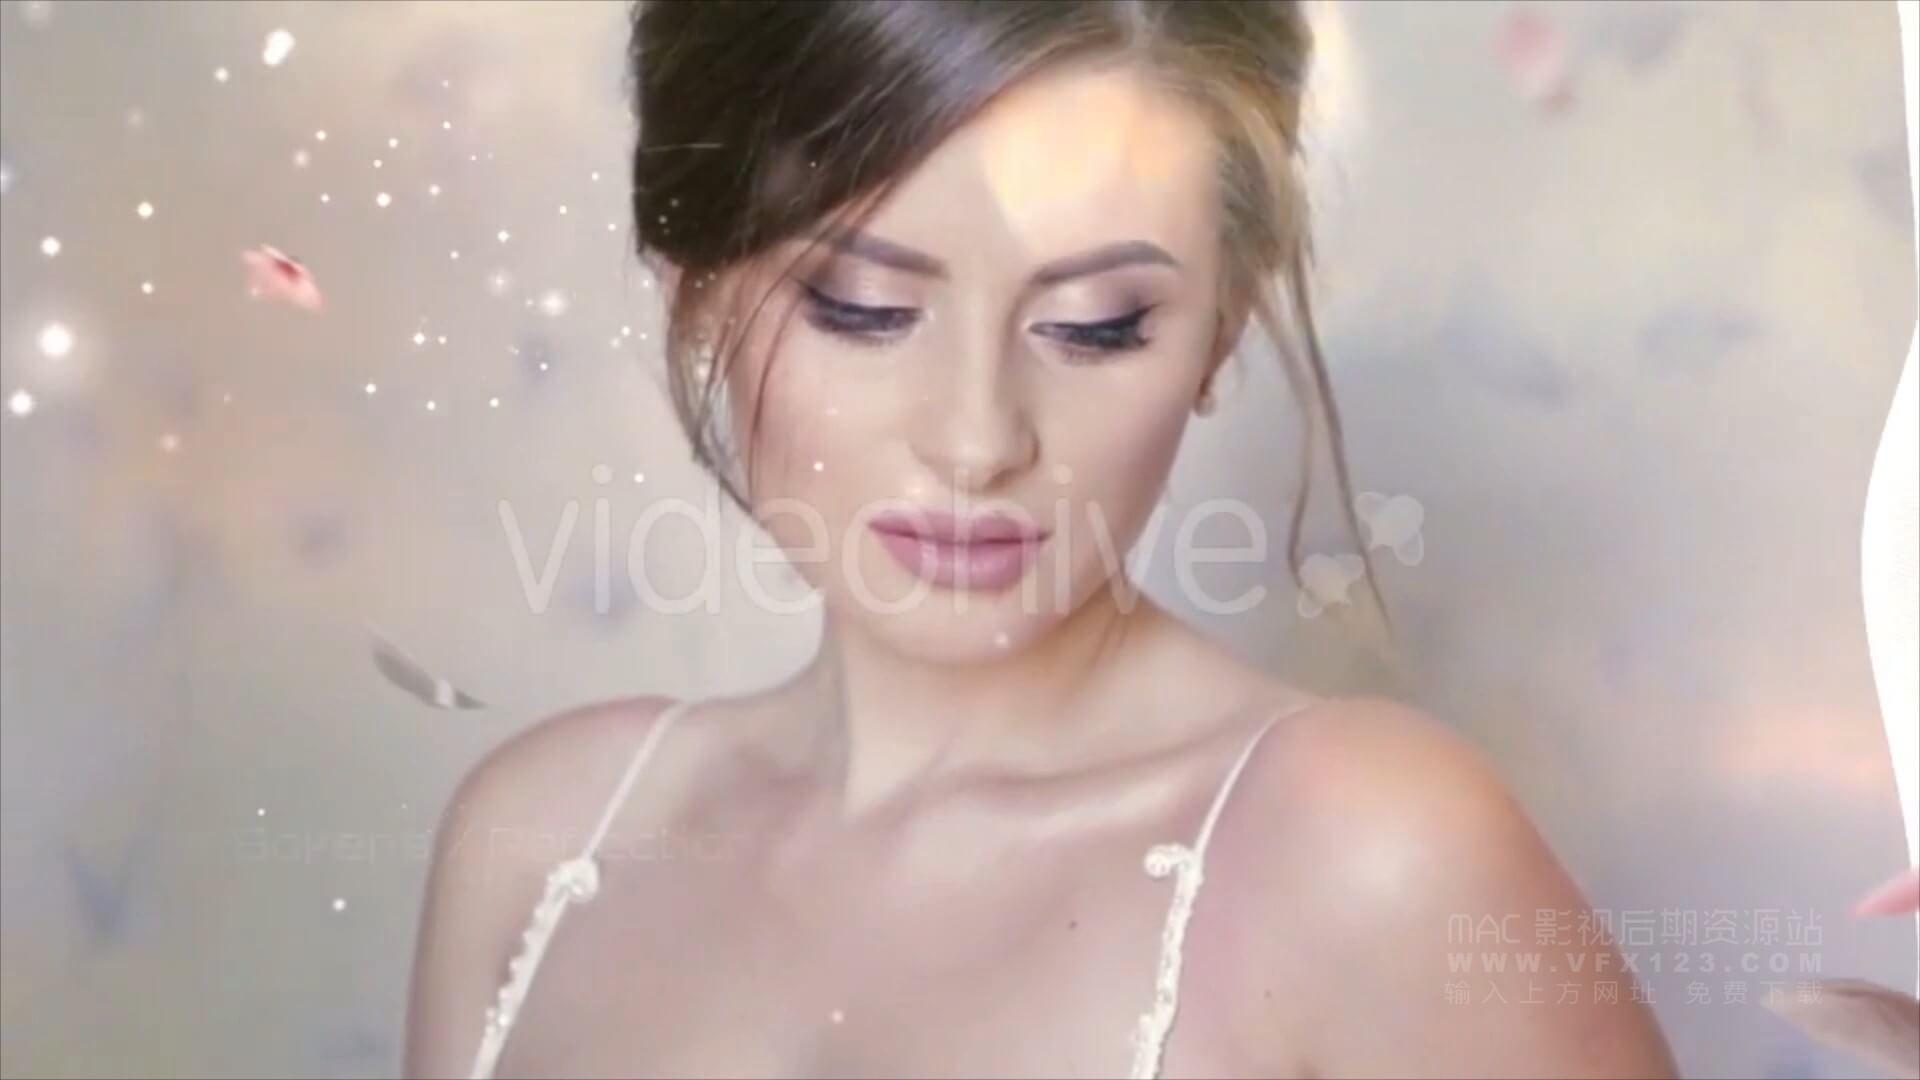 婚礼前景素材 36个玫瑰花瓣婚纱漏光粒子炫光闪光转场标题